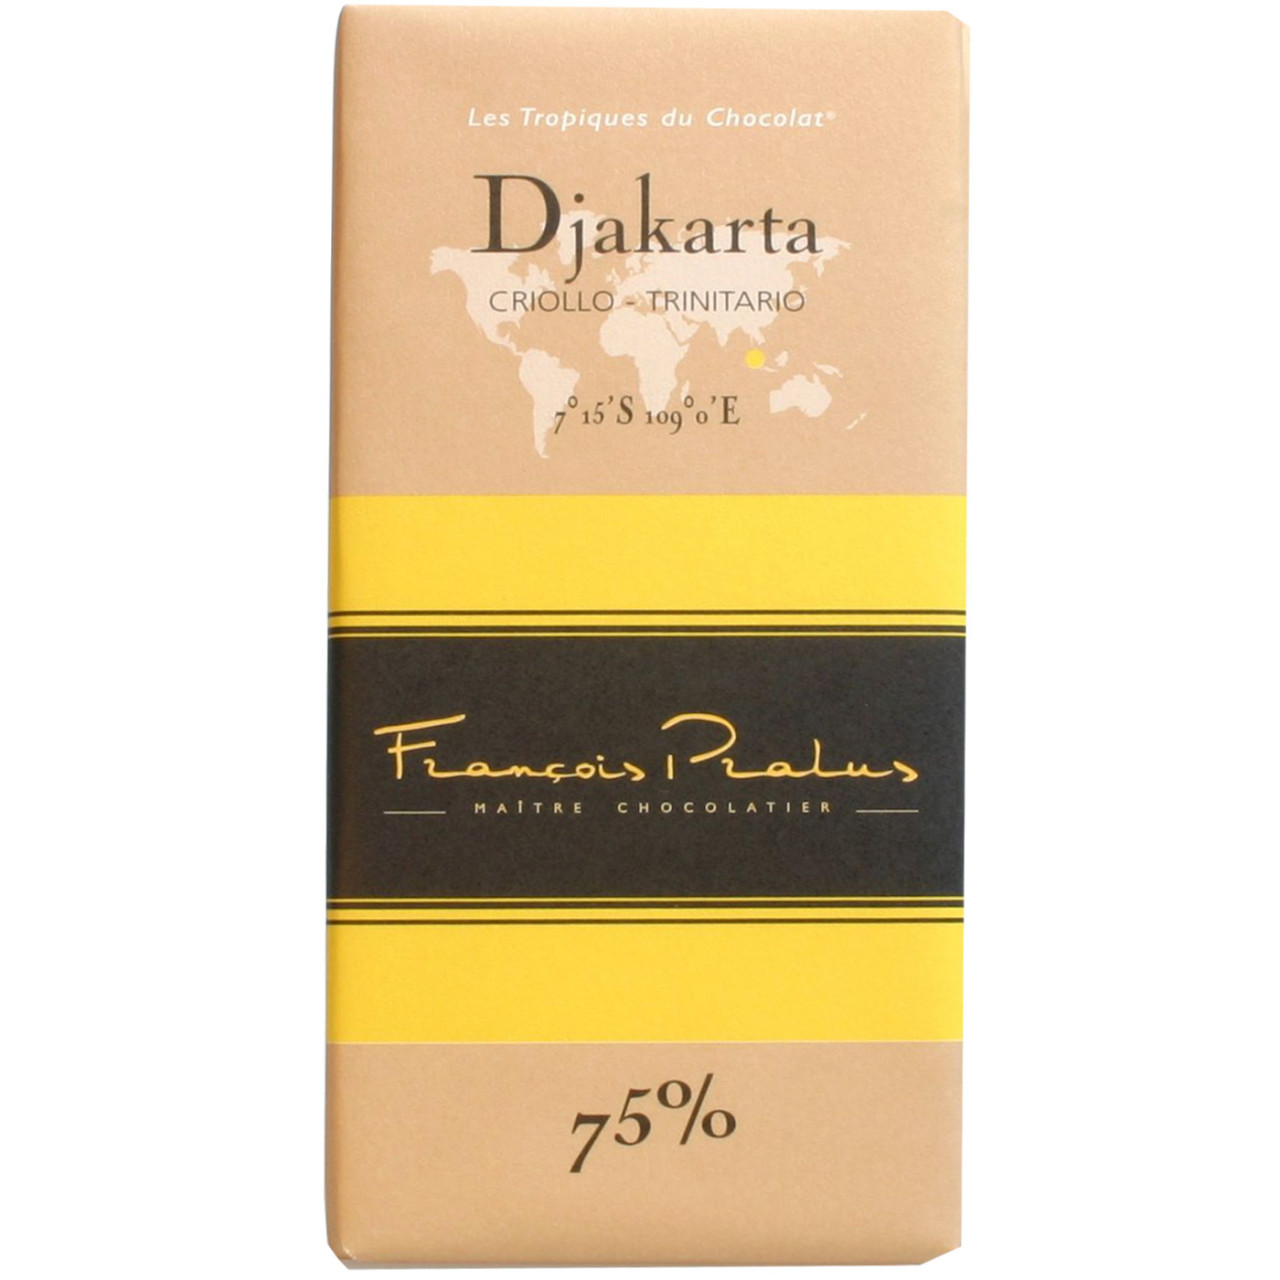 Pralus Frankreich dunkle Schokolade 75% Djakarta Criollo Forastero dark chocolate chocolat noir                                                                                                          - Tavola di cioccolato, Francia, cioccolato francese - Chocolats-De-Luxe